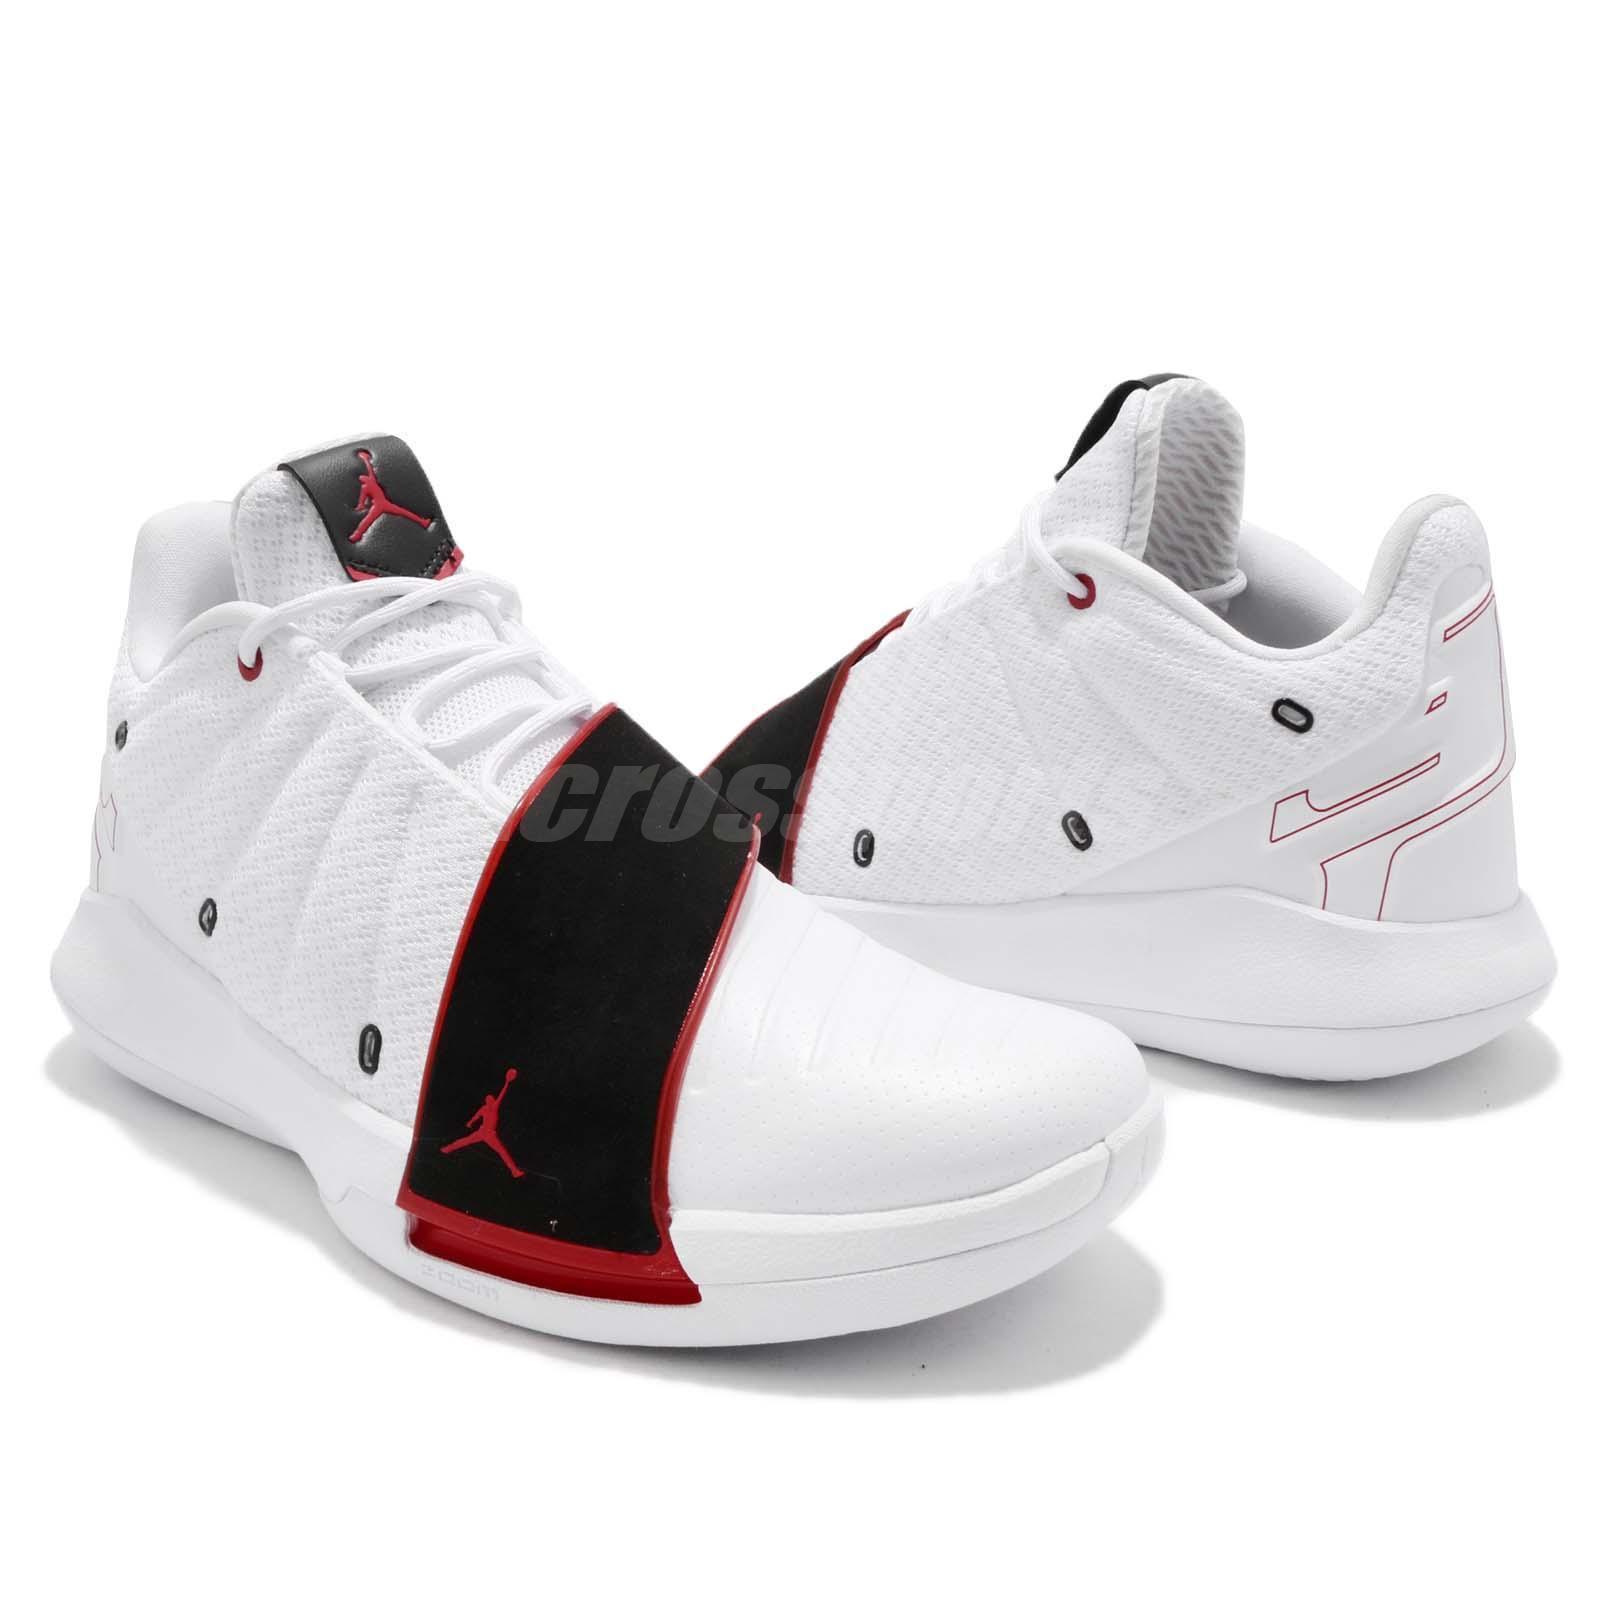 Chris Paul's Jordan CP3.XI Drops